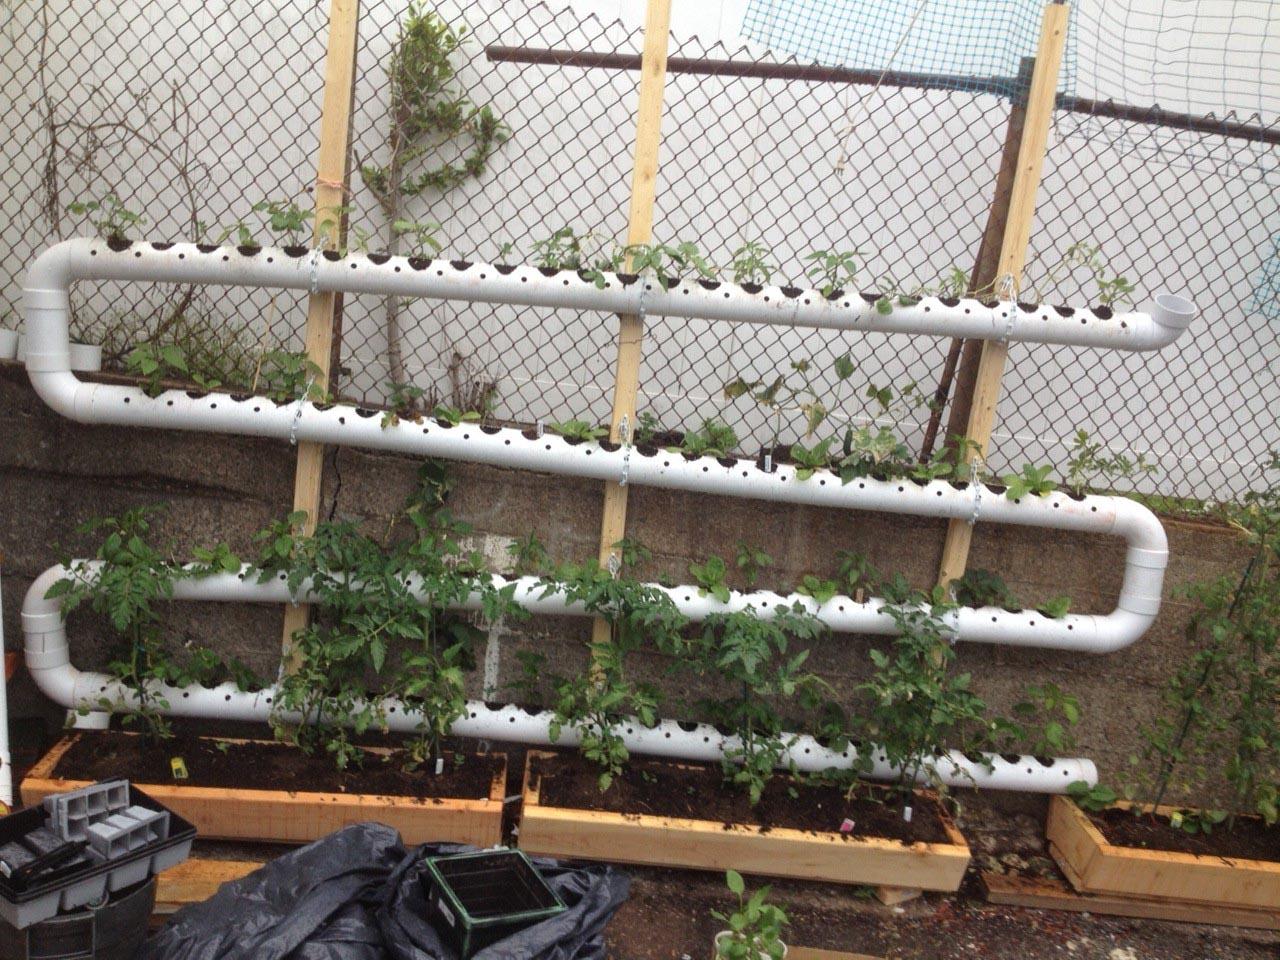 Fullsize Of Balcony Garden Kit